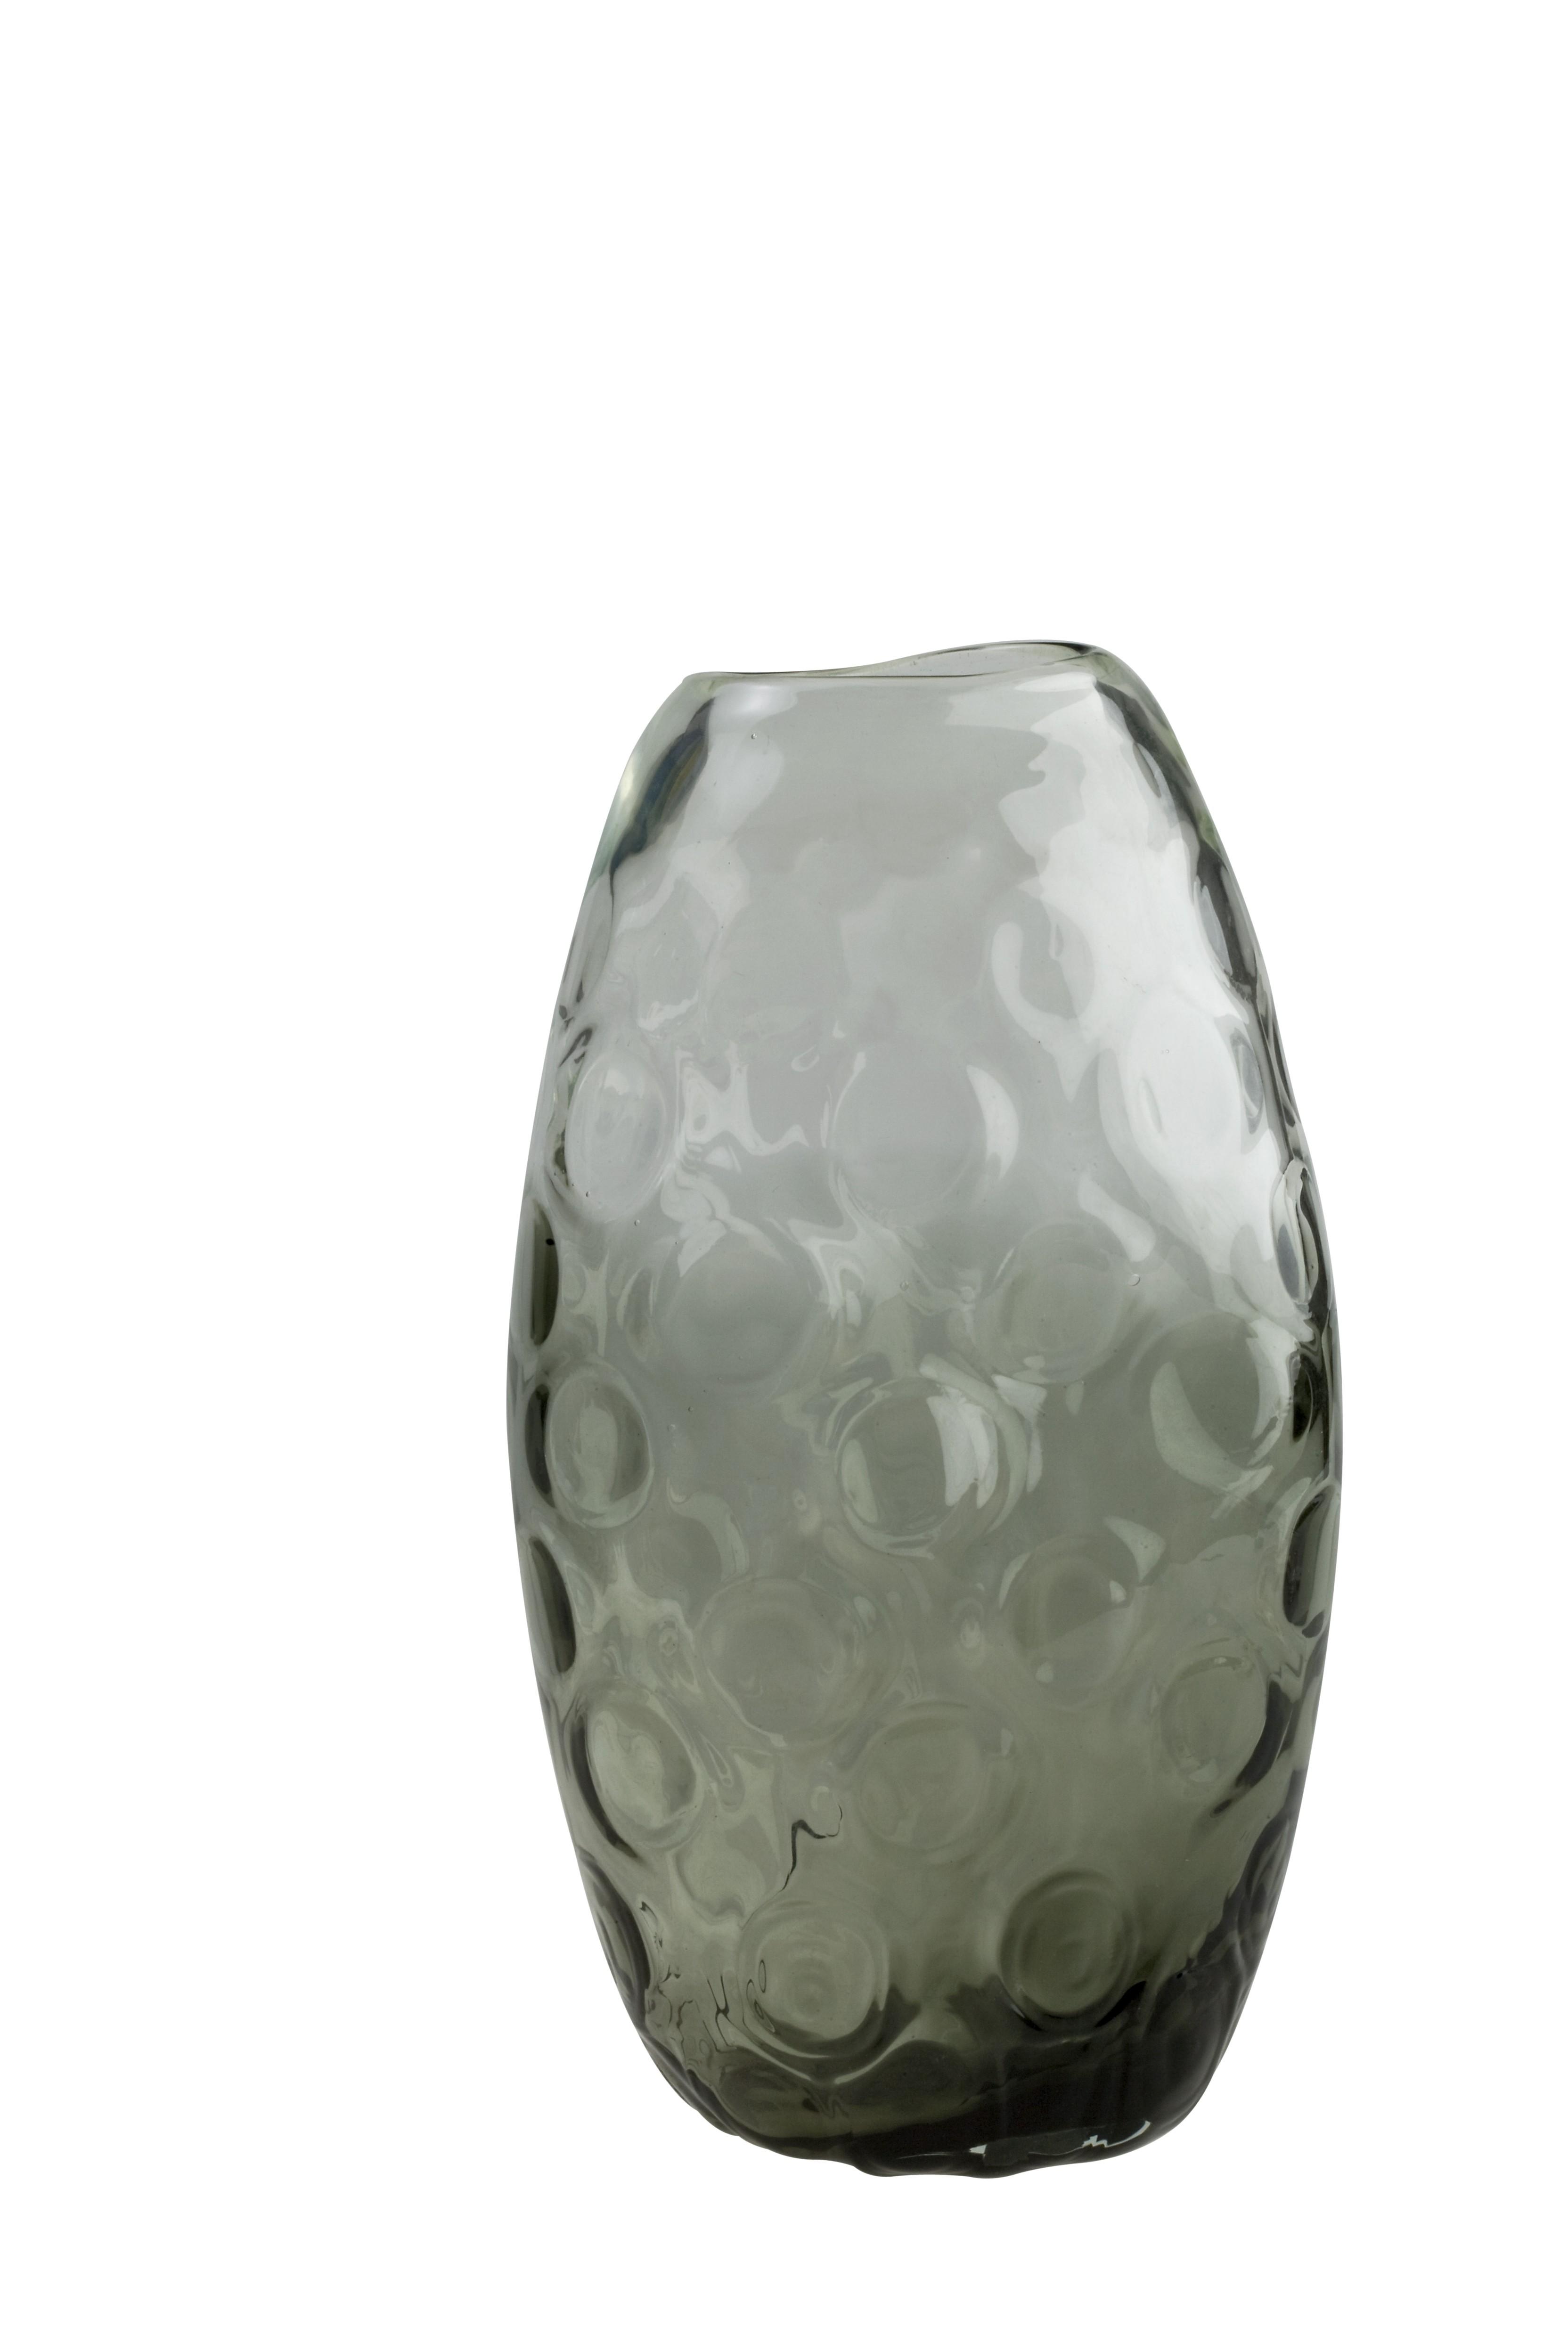 Ανθοδοχείο Smokey Φυσητό 30,5cm home   κρυσταλλα  διακοσμηση   κρύσταλλα